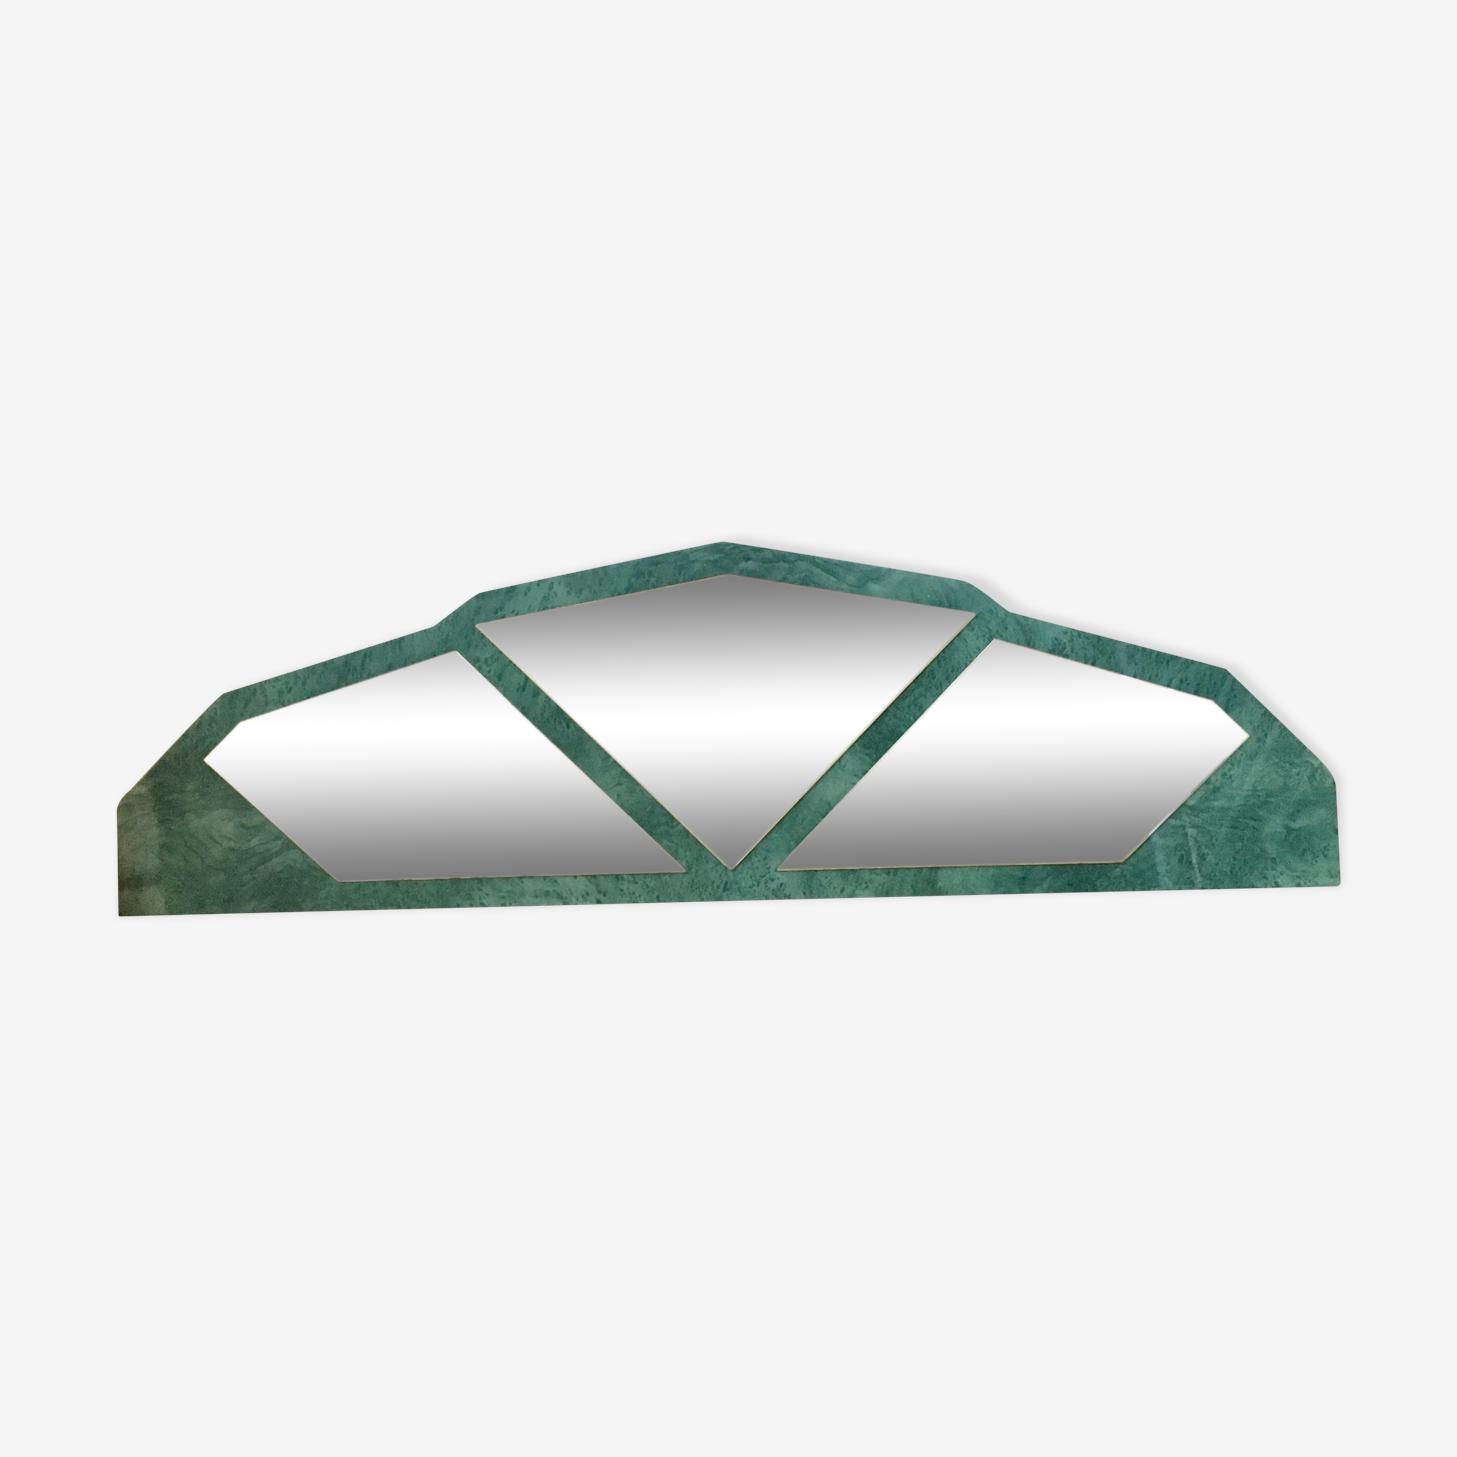 Miroir Tete De Lit 200x61cm Formica Vert Art Deco U7y5jju